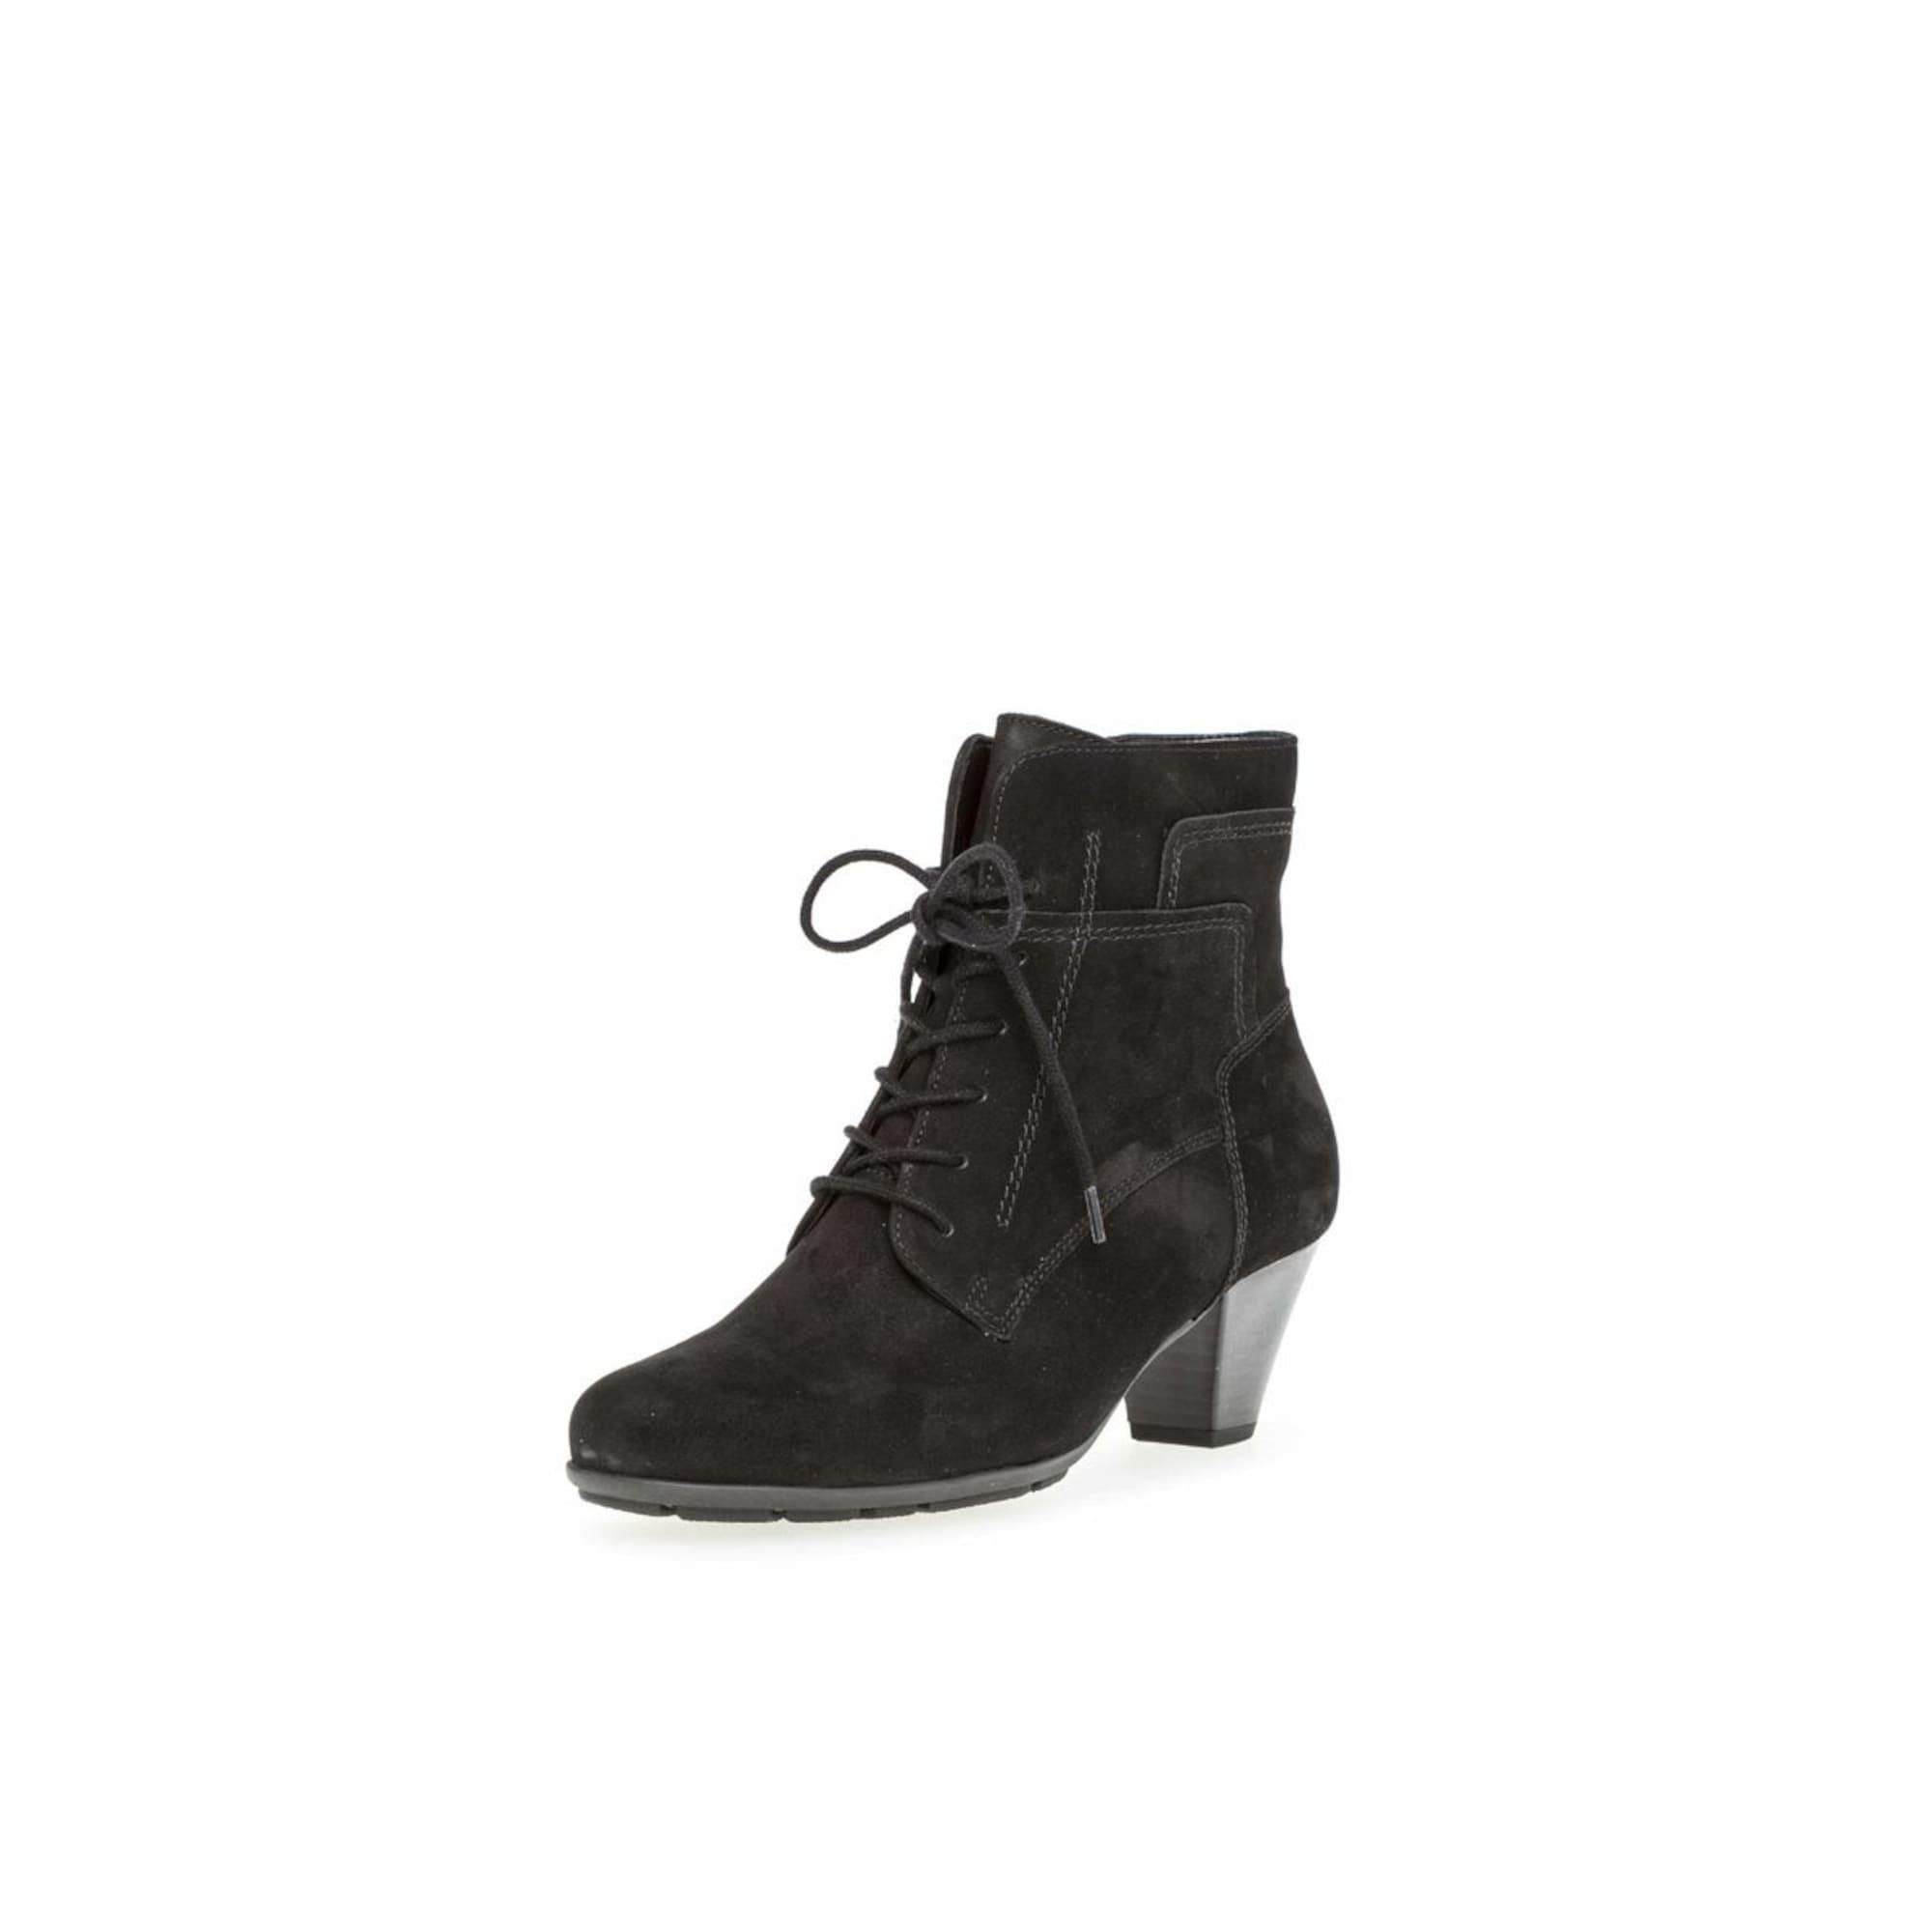 Stiefel | Schuhe > Stiefel > Sonstige Stiefel | Gabor